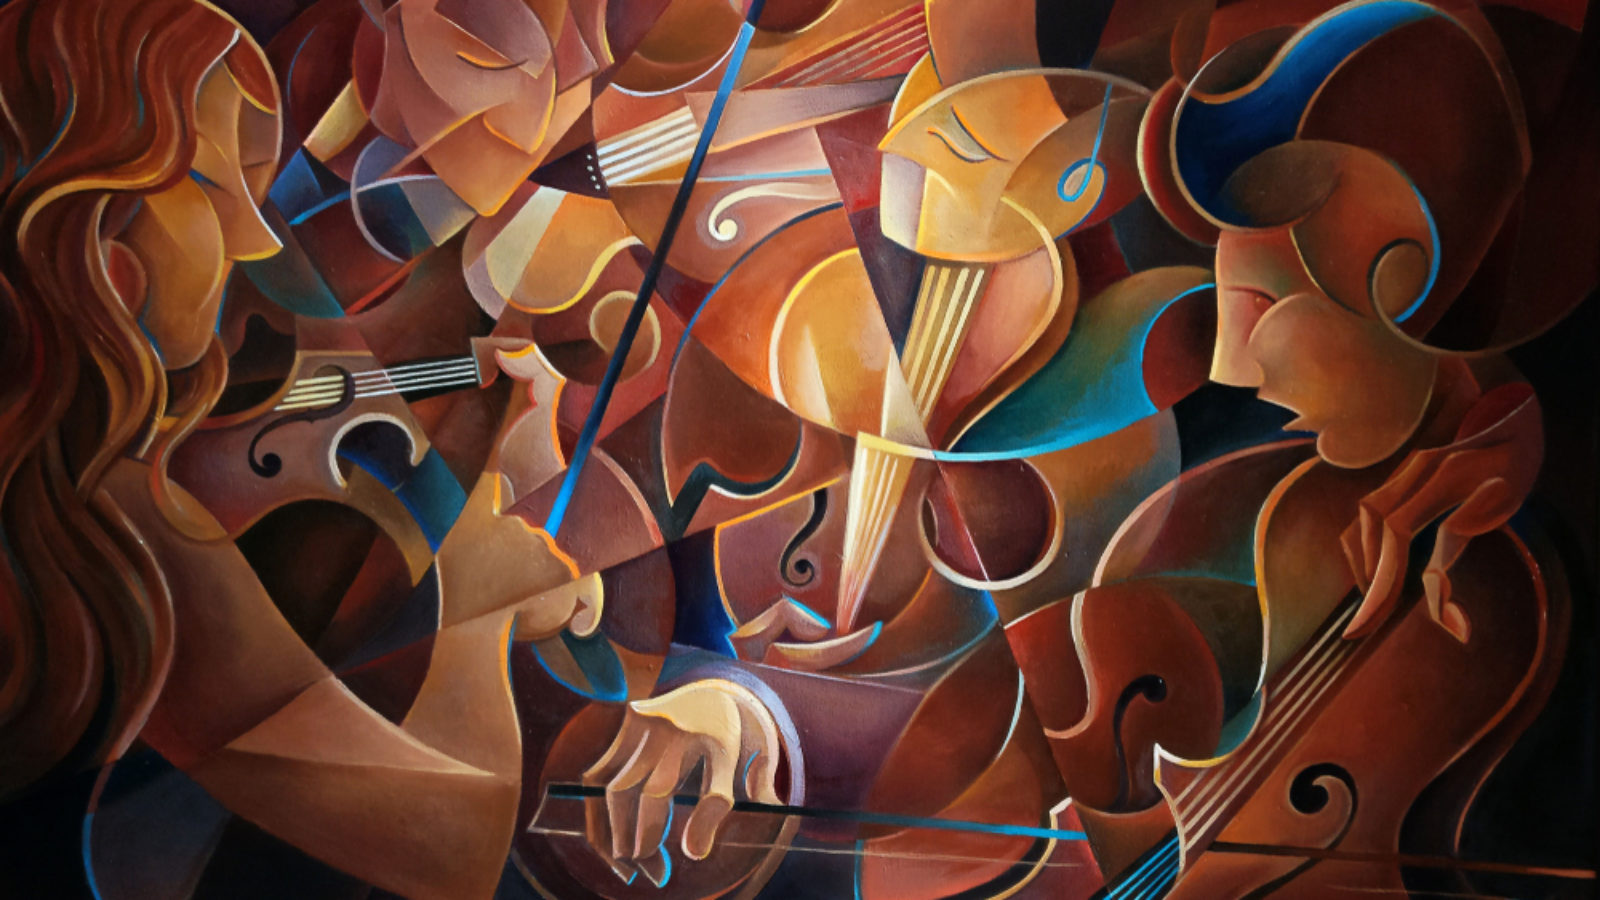 チェロアンサンブルのコンサートを聴きに行きたい!そんなあなたにおすすめのプロの演奏団体を一挙ご紹介♪